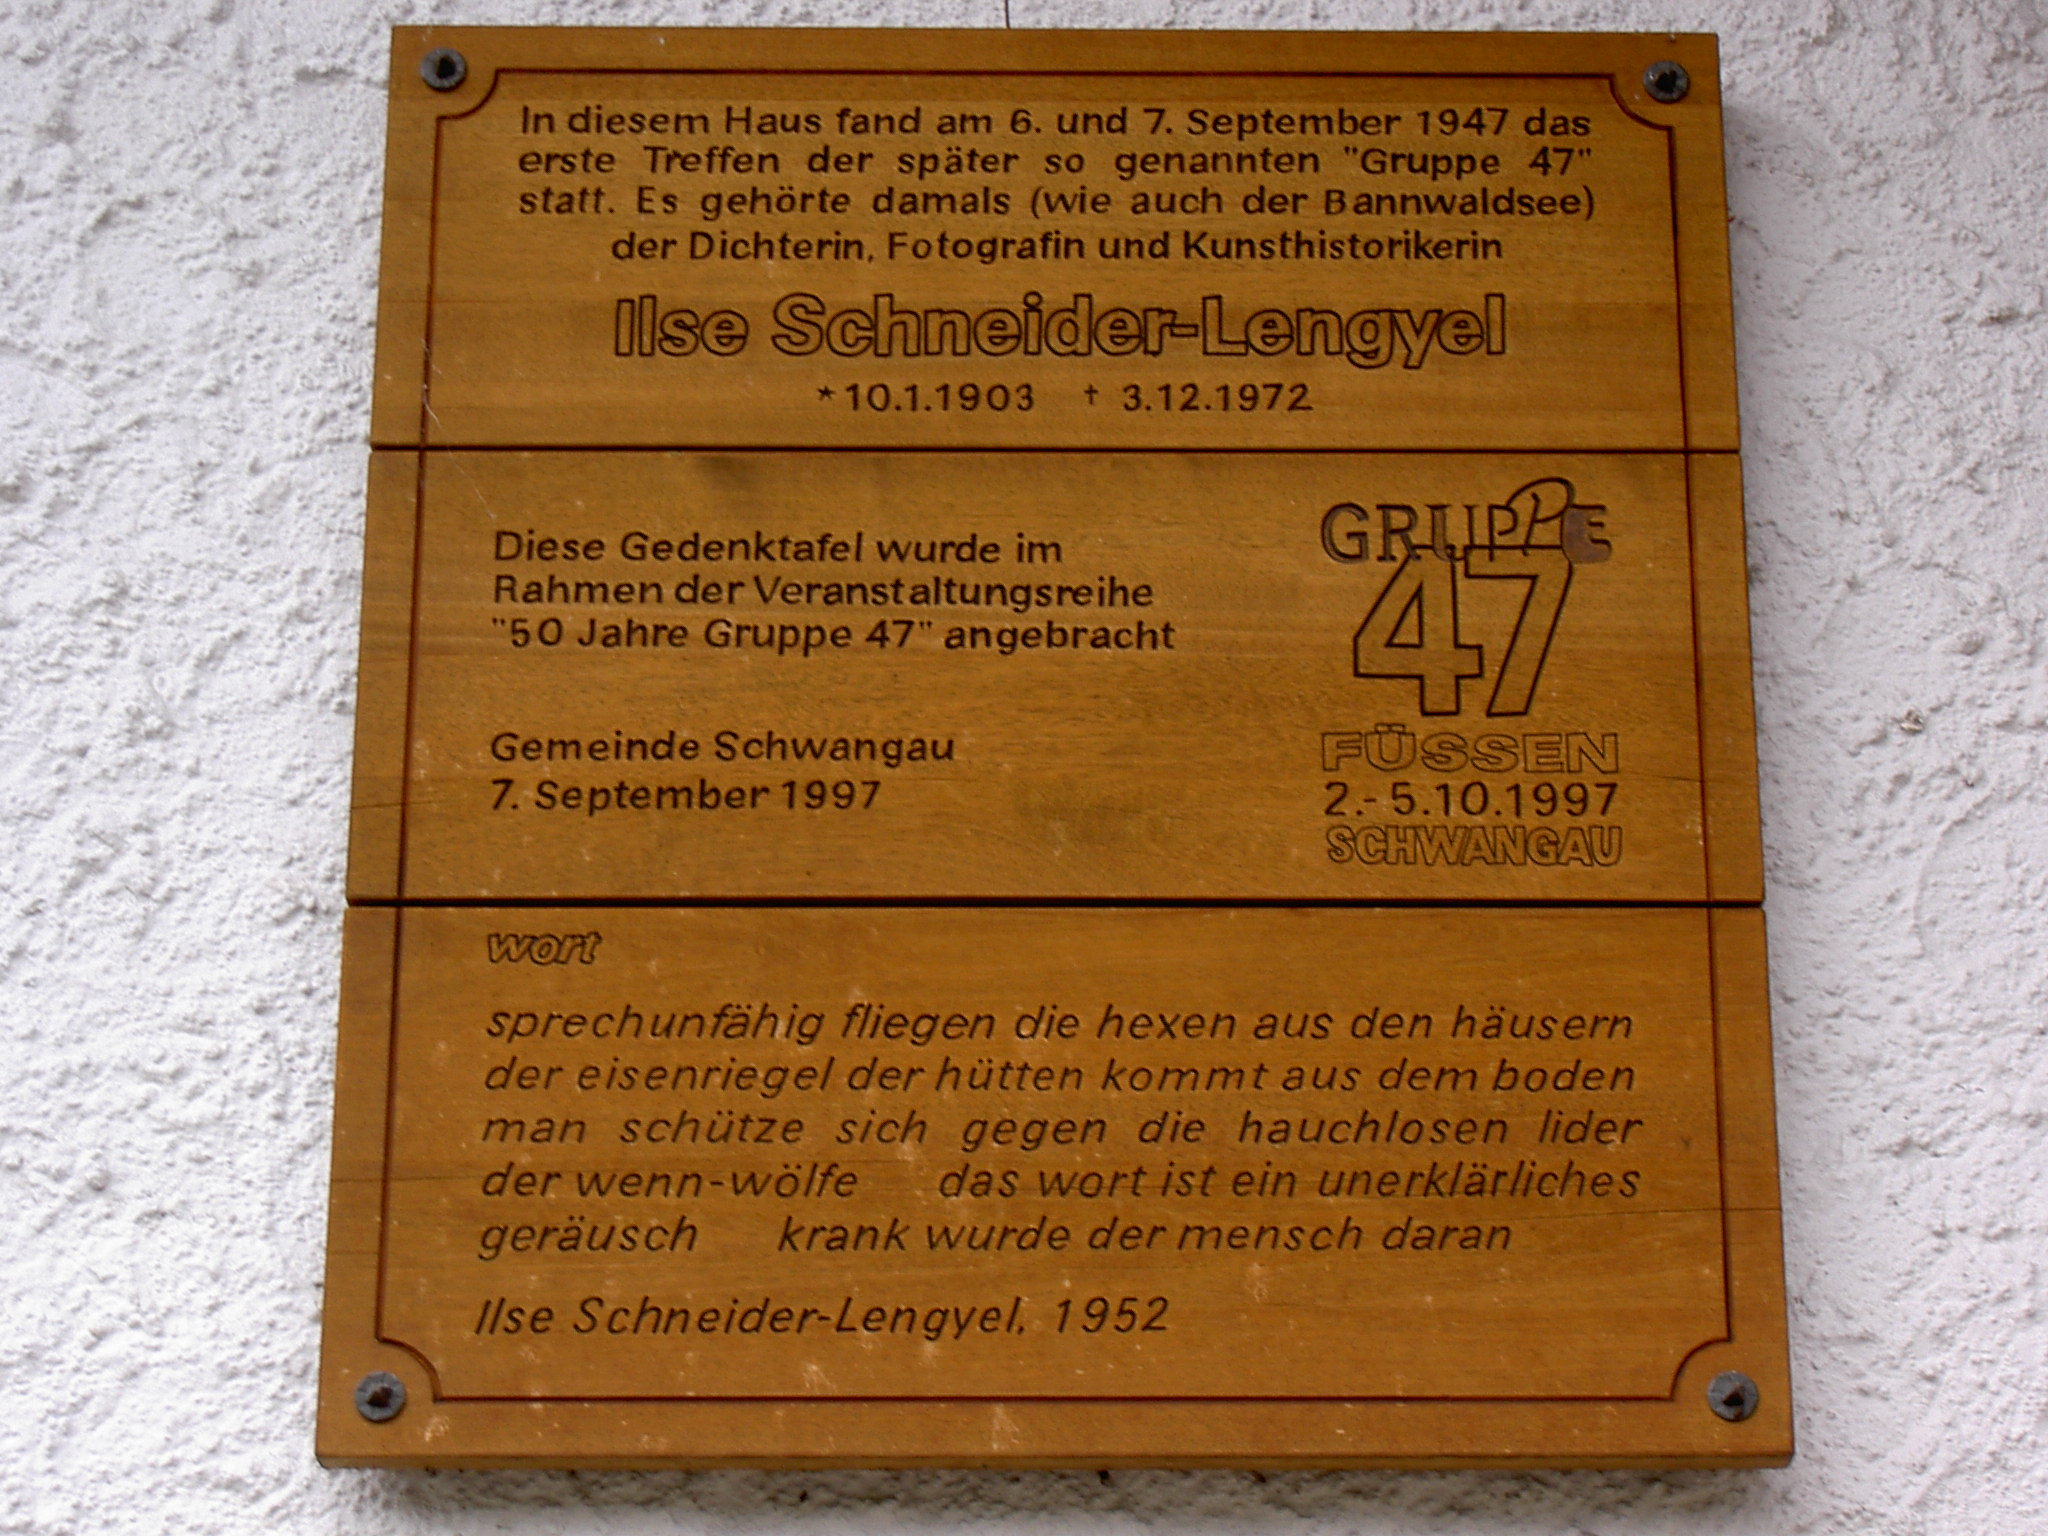 Datei:Gruppe 47 Tafel.jpg – Wikipedia